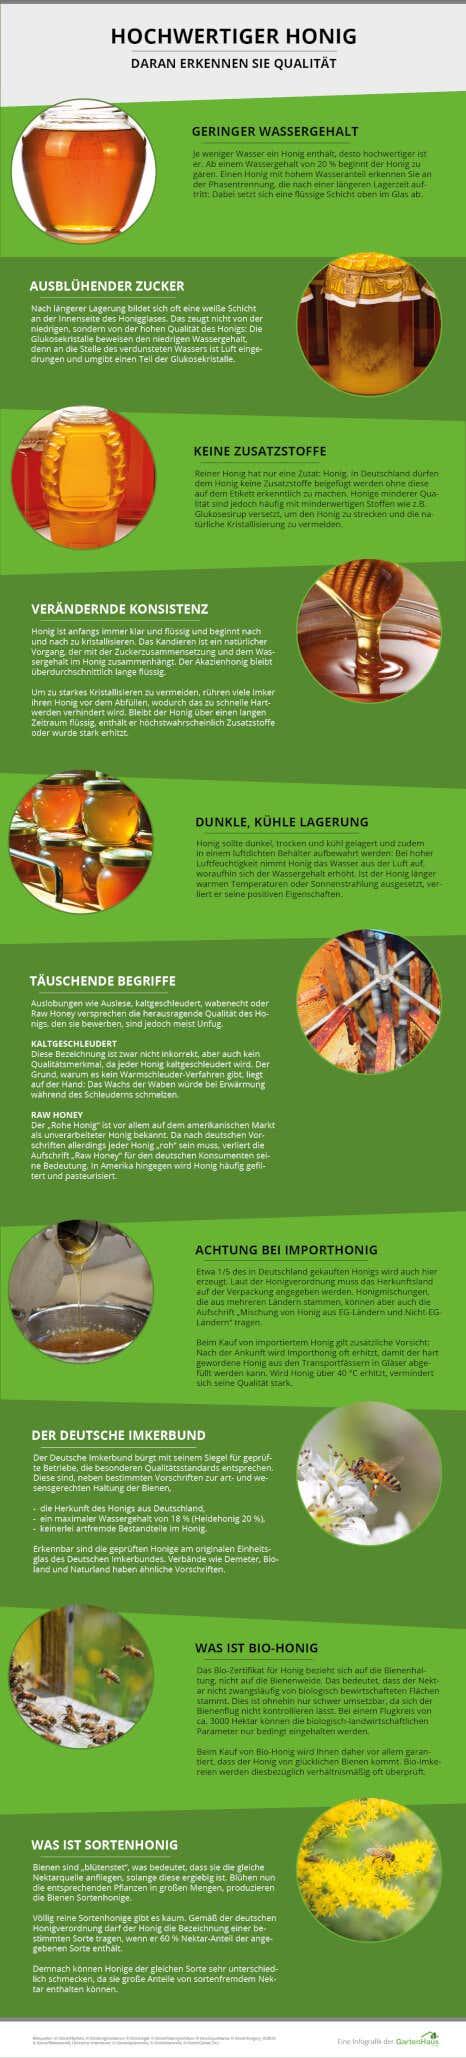 Infografik zum Erkennen von hochwertigem Honig